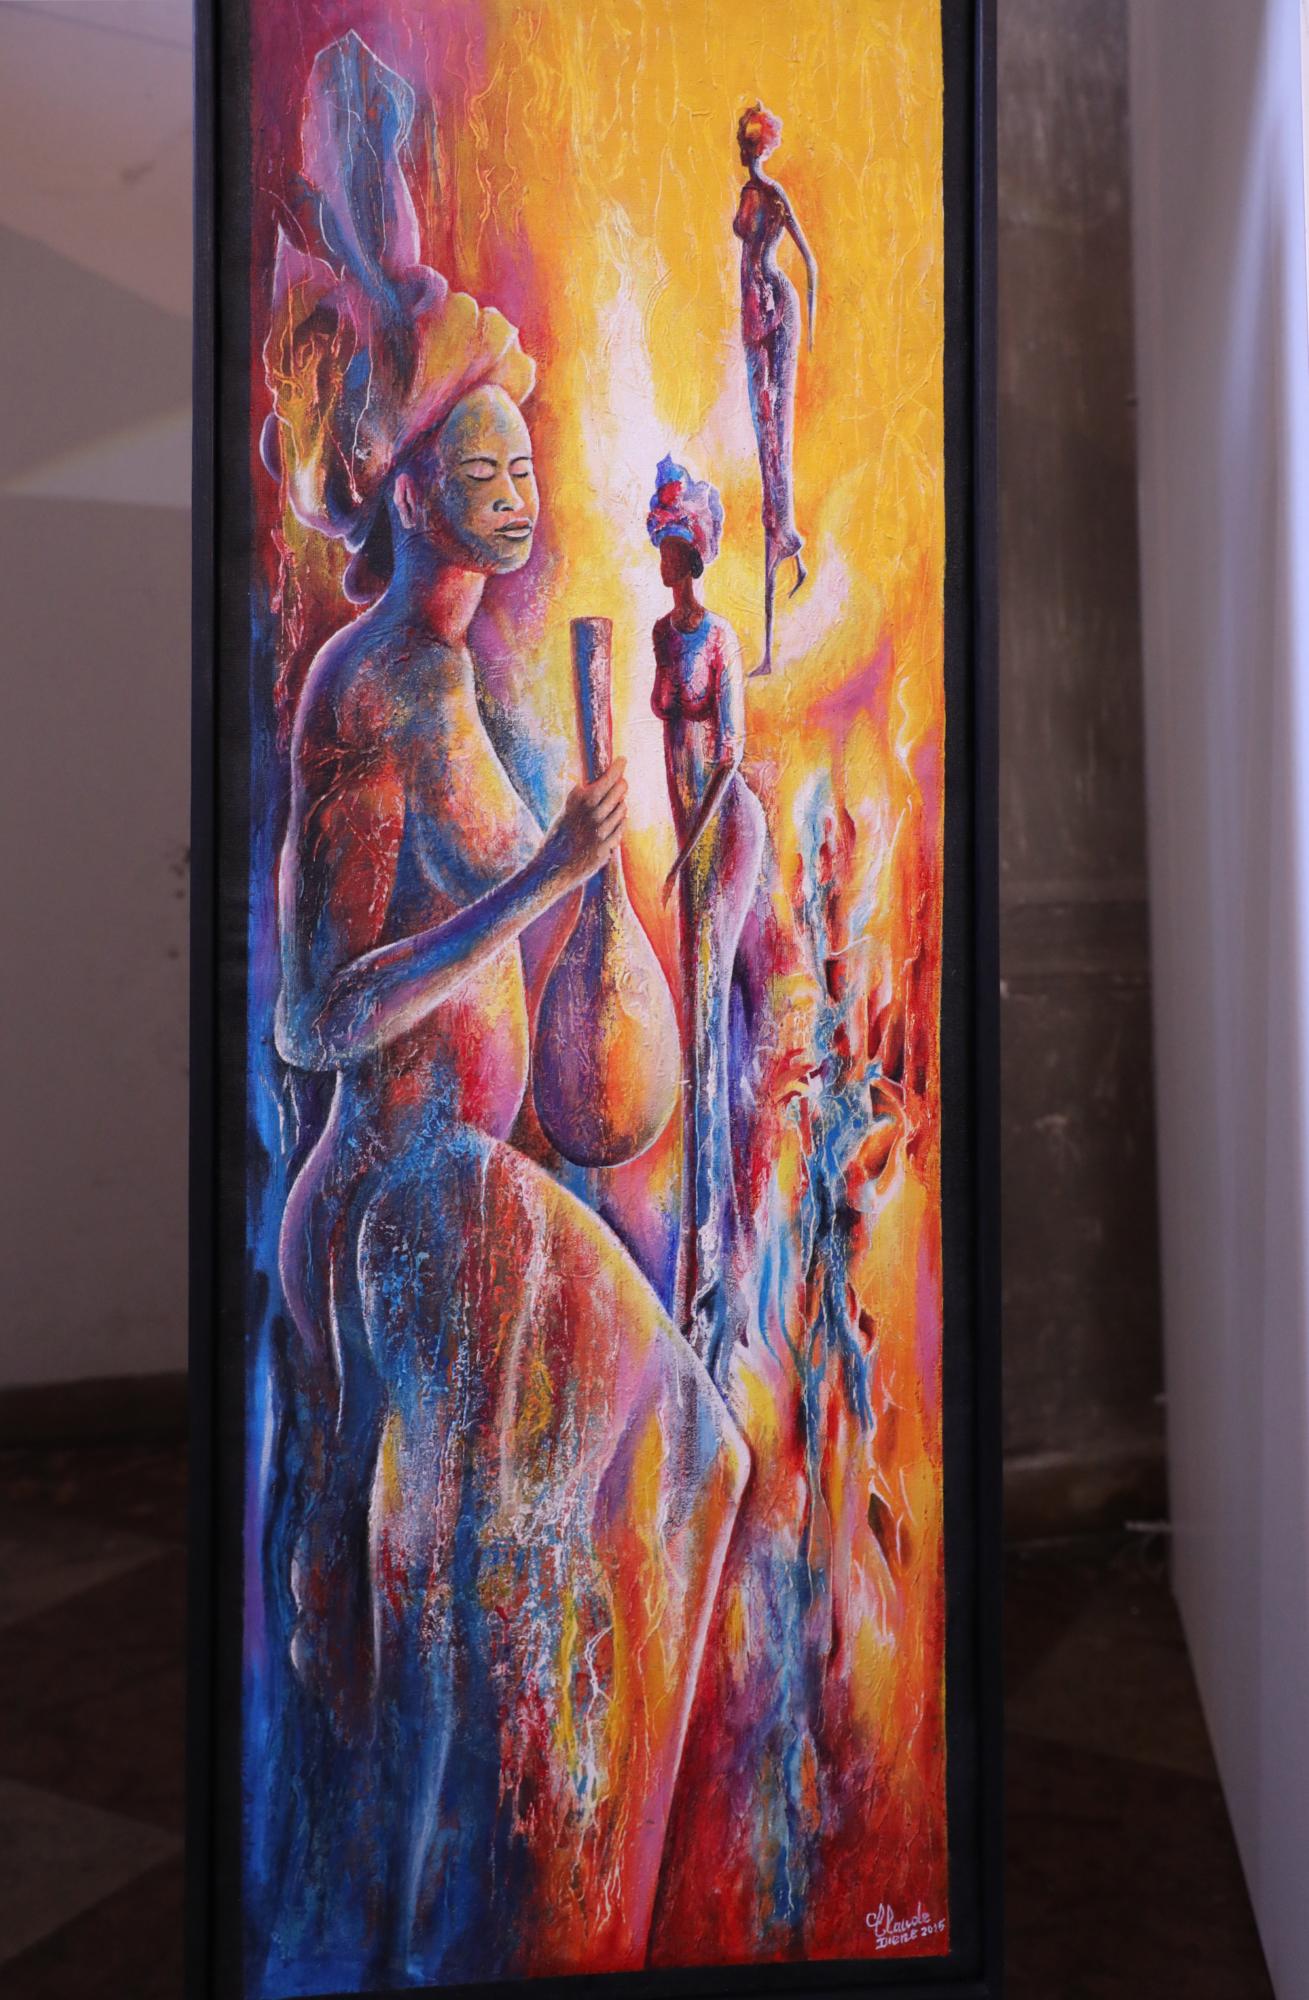 201004 Ausstellung Farben Senegal 15